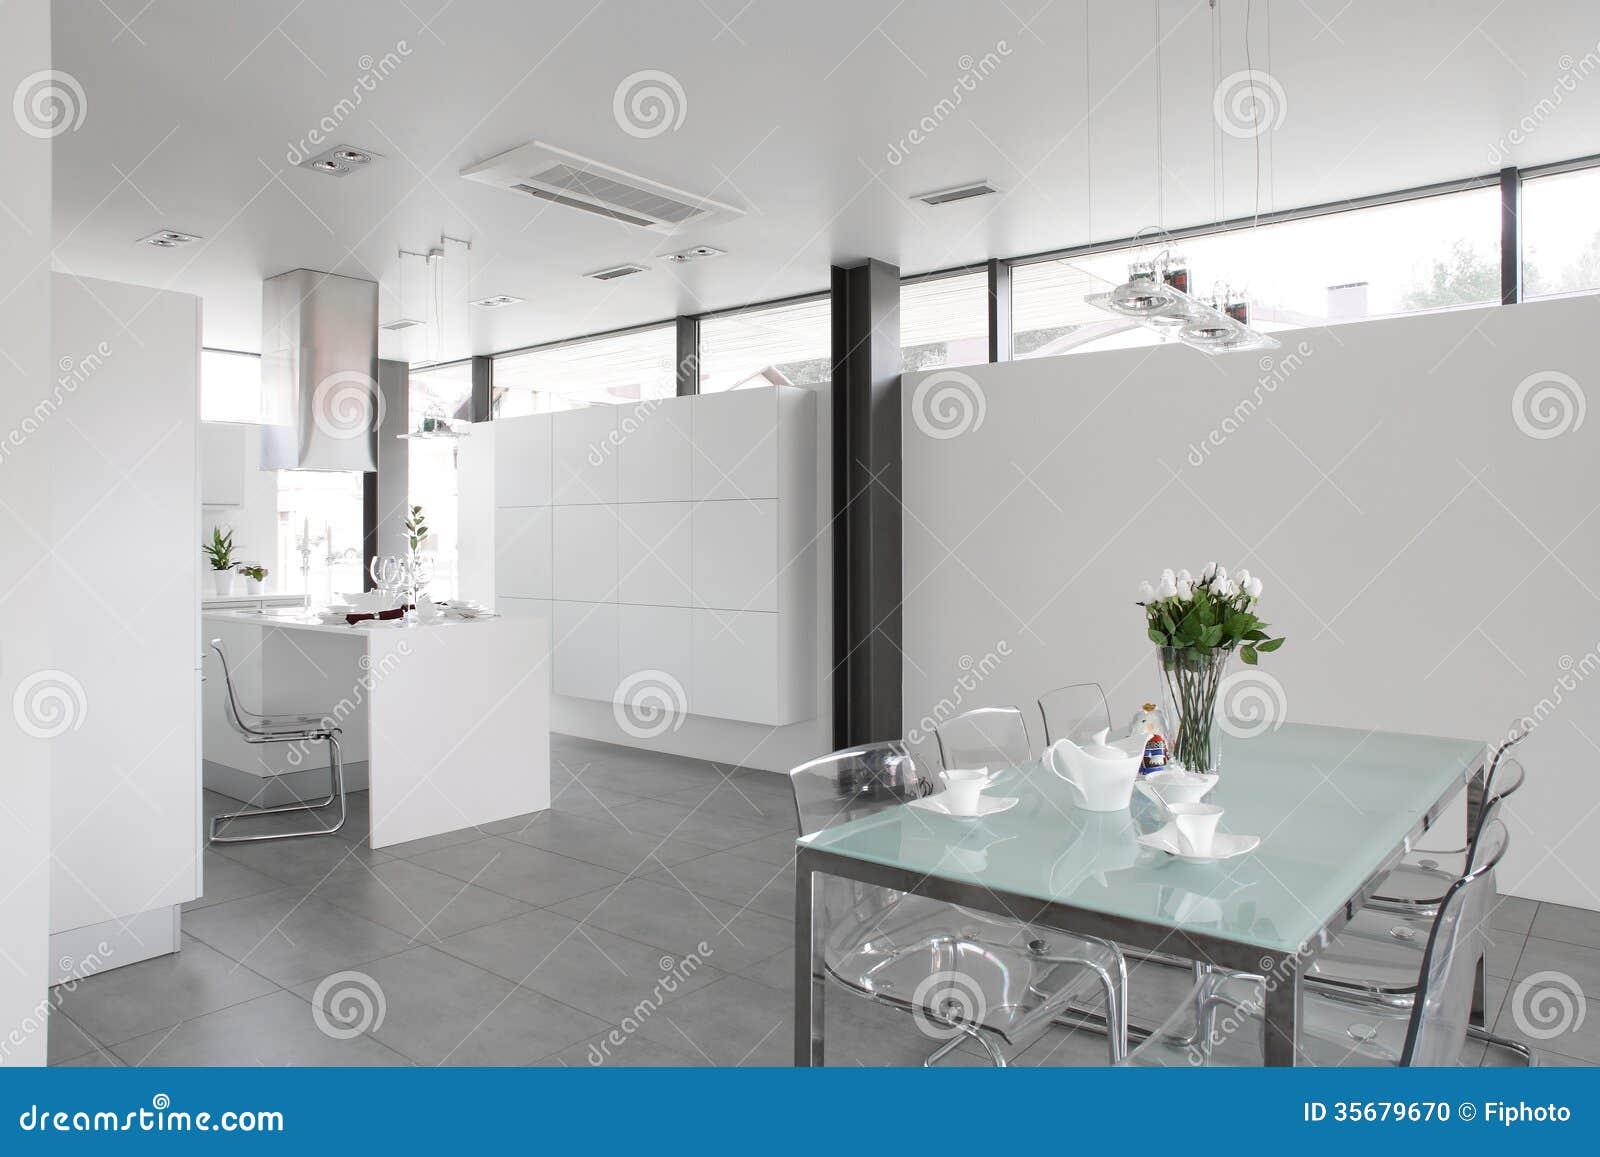 Cocina blanca moderna con muebles elegantes foto de - Cocinas con muebles blancos ...